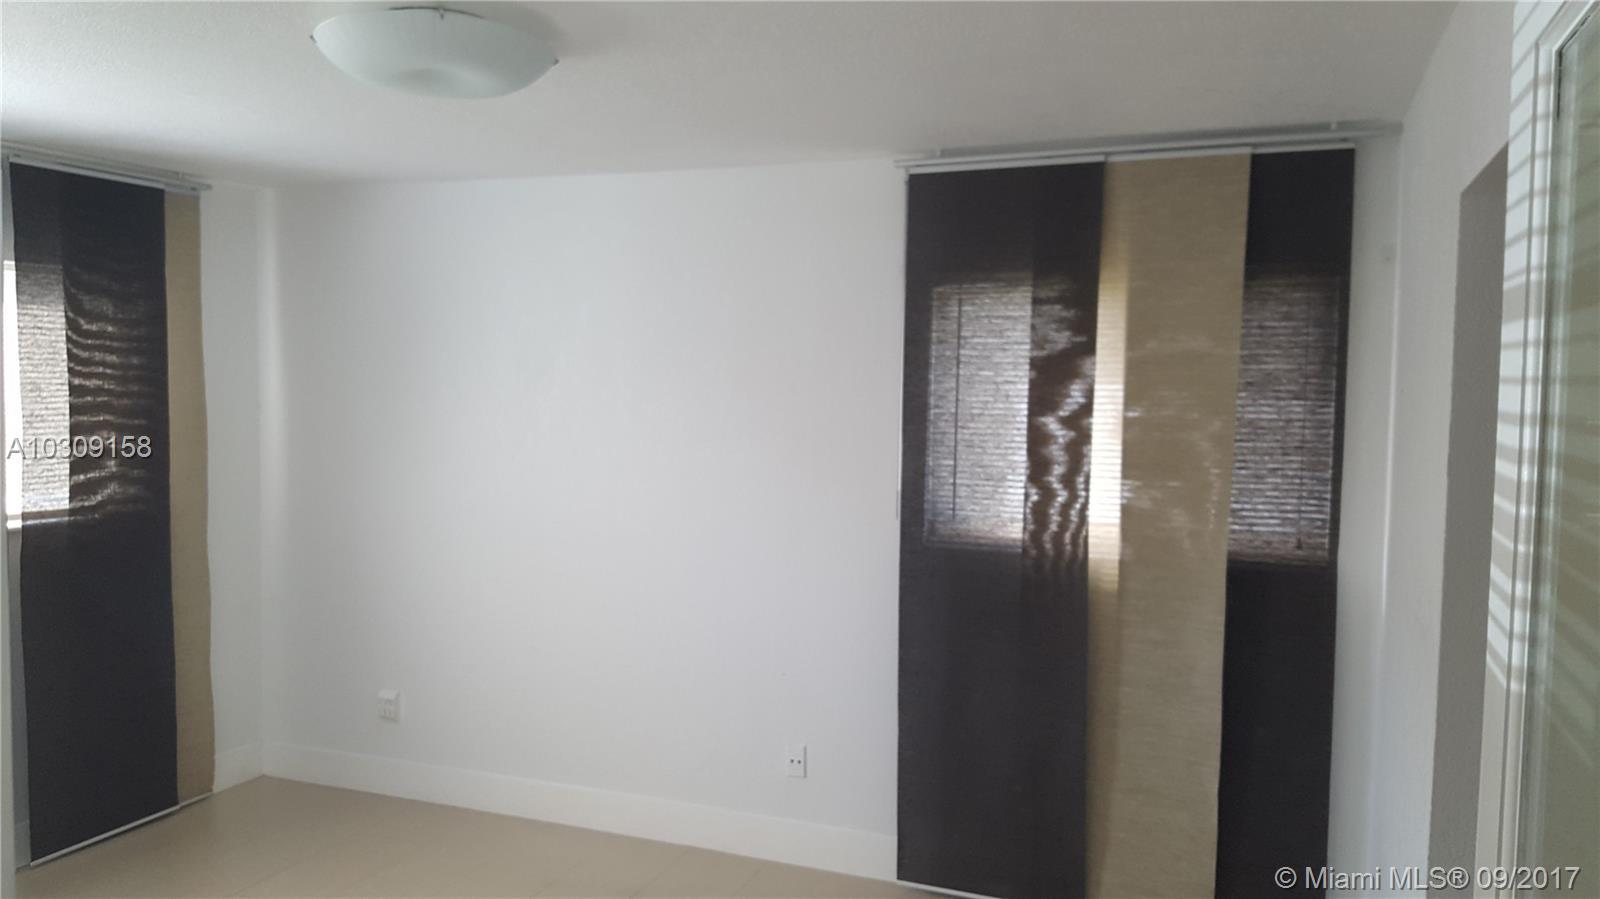 9727 Hammocks Blvd # 101D, Miami, FL 33196